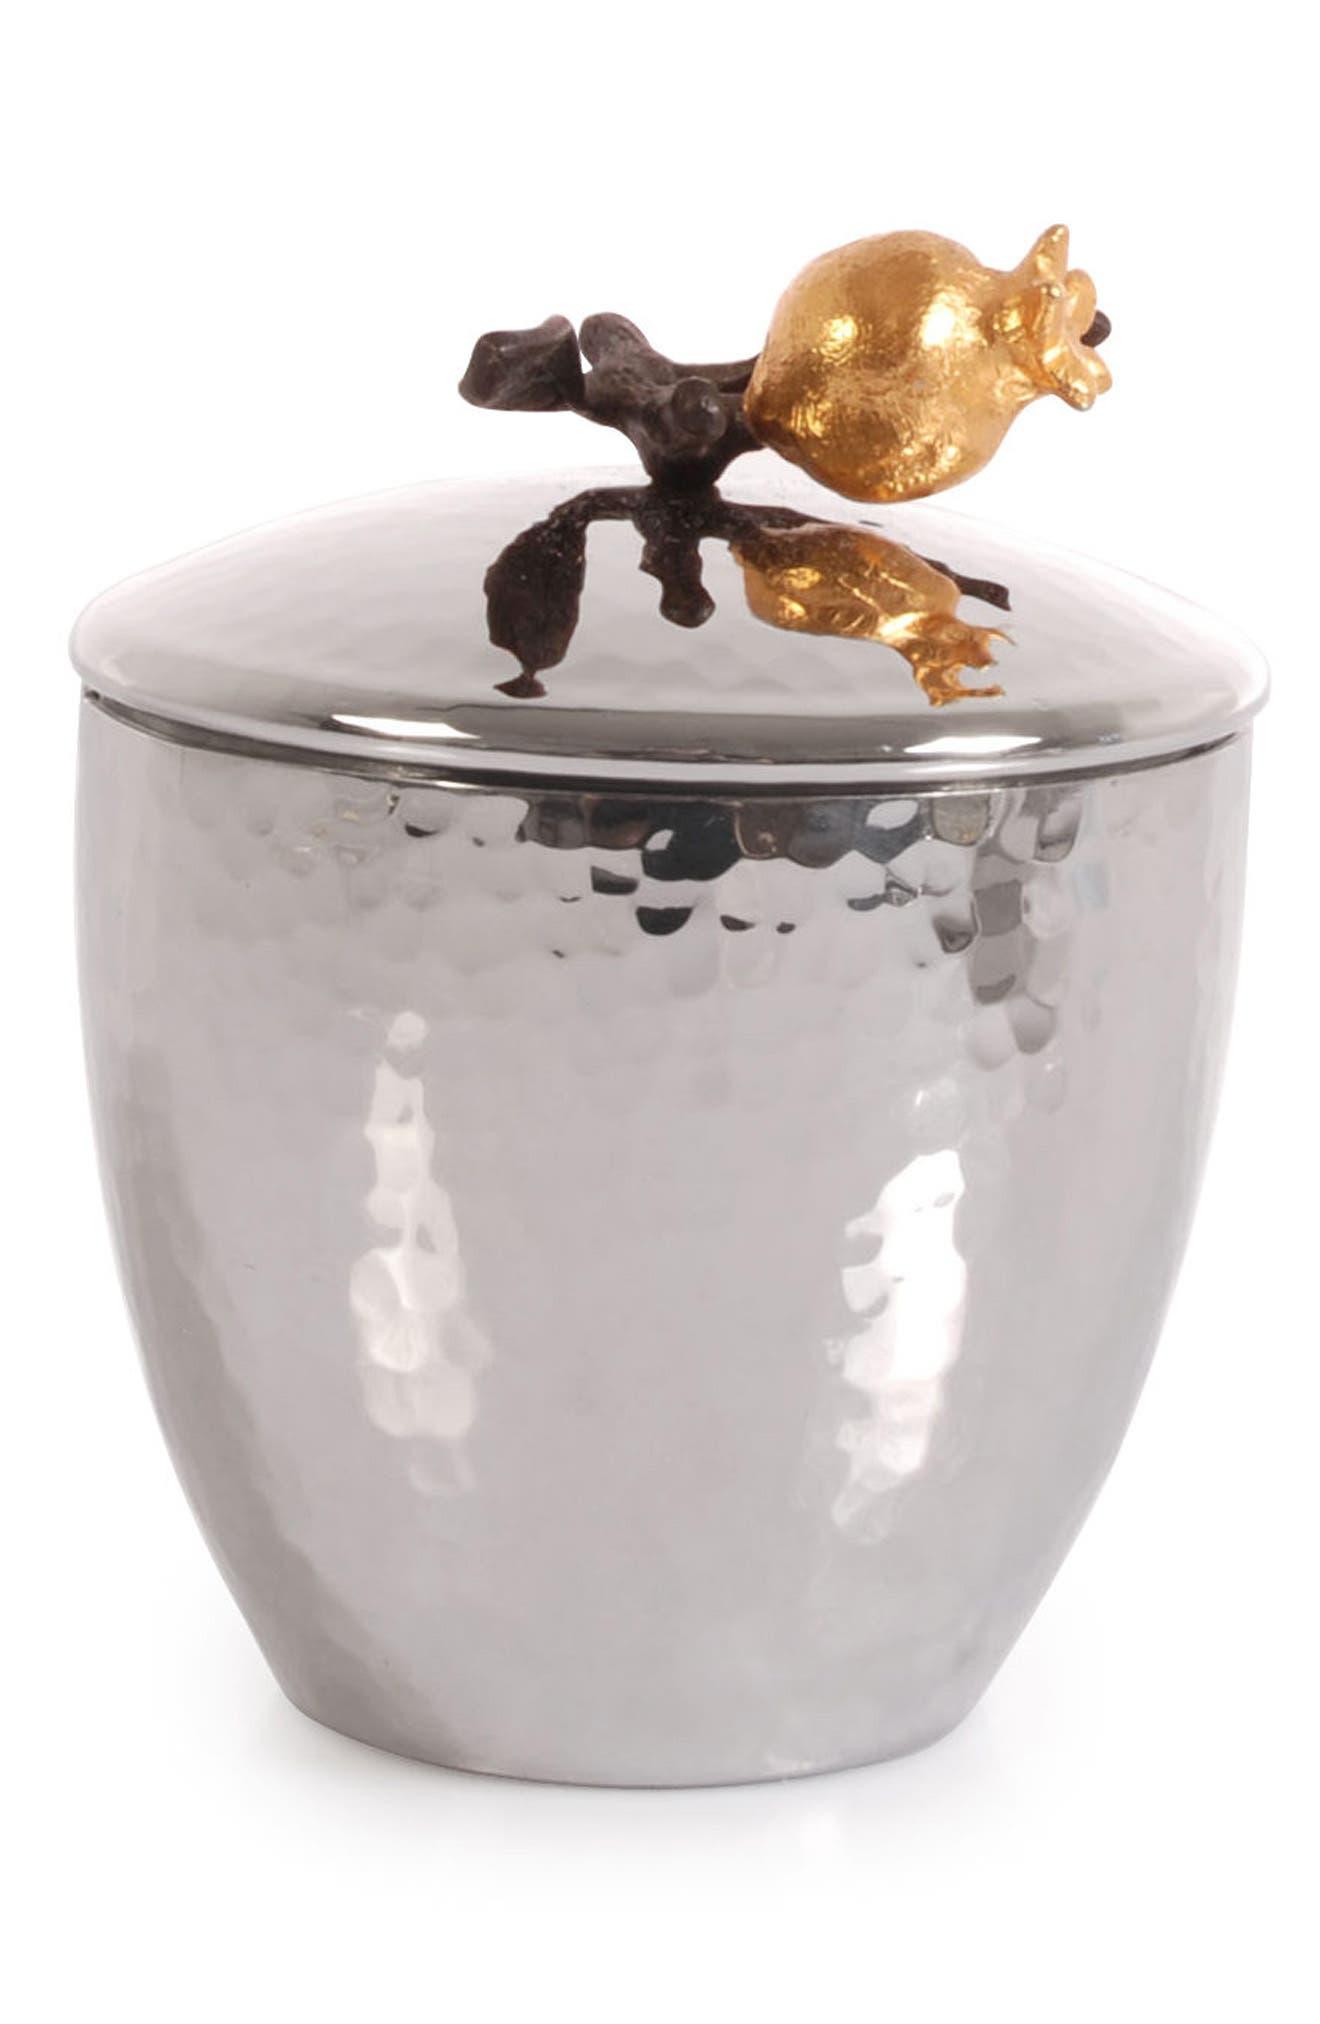 Pomegranate Sugar Bowl & Spoon,                             Main thumbnail 1, color,                             Silver/ Gold/ Black